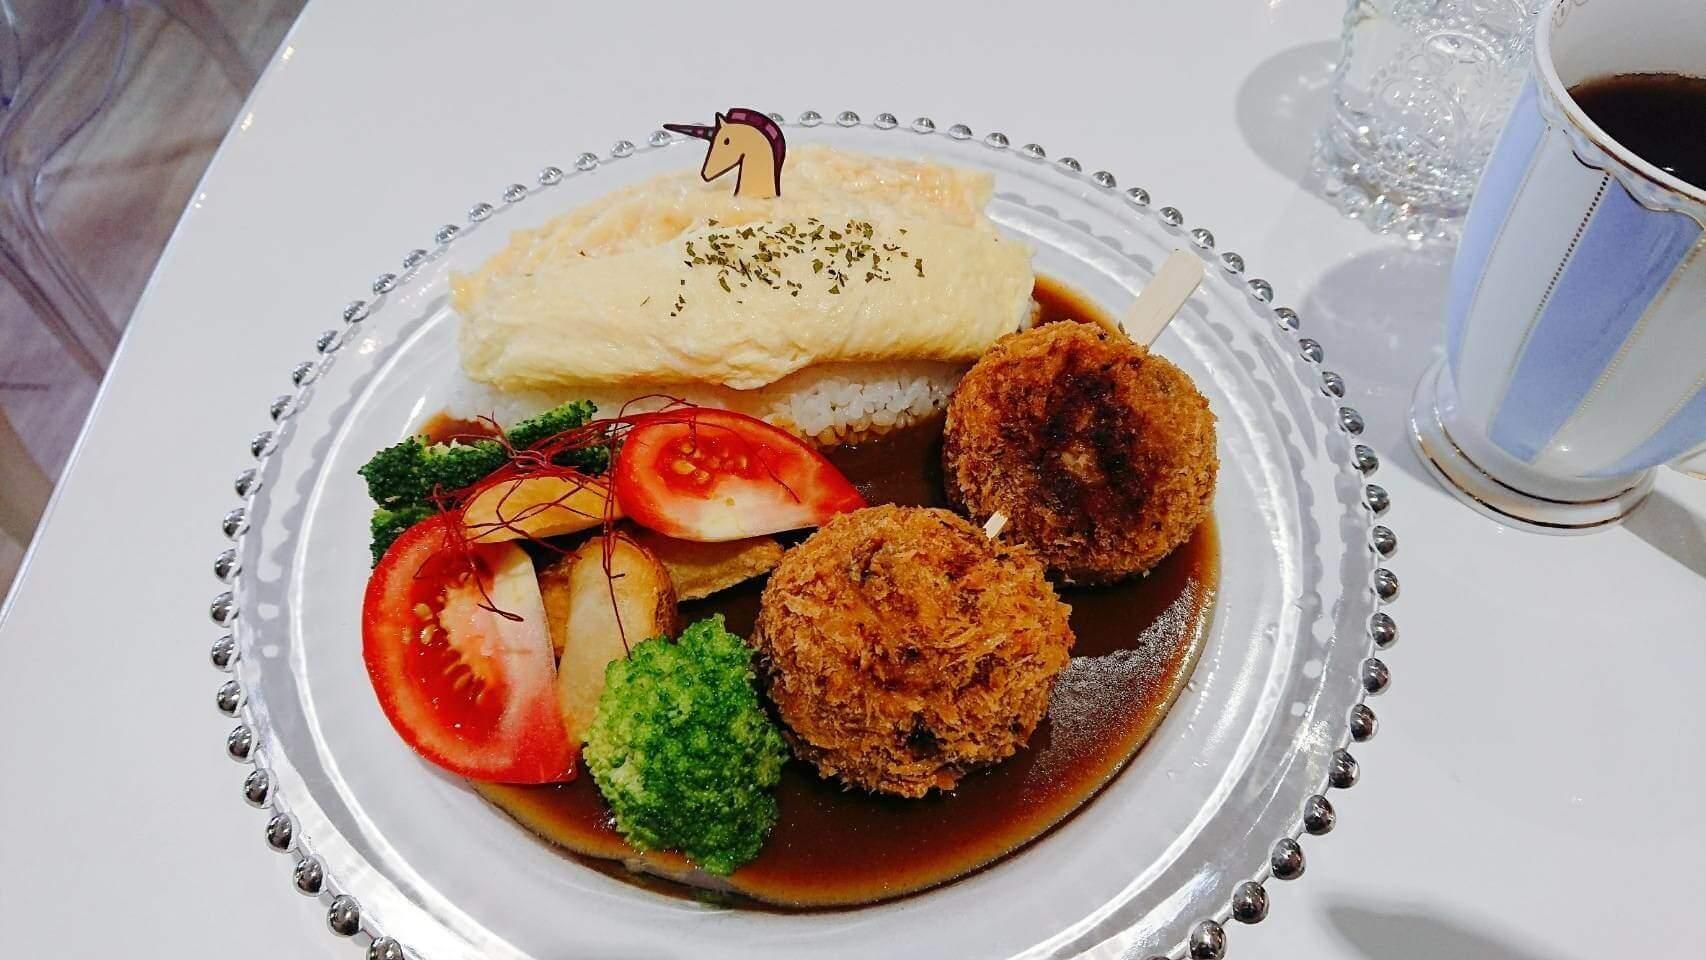 【花蓮市區】獨角獸洋食館–夢幻軟綿空間與美味蒲公英蛋包飯